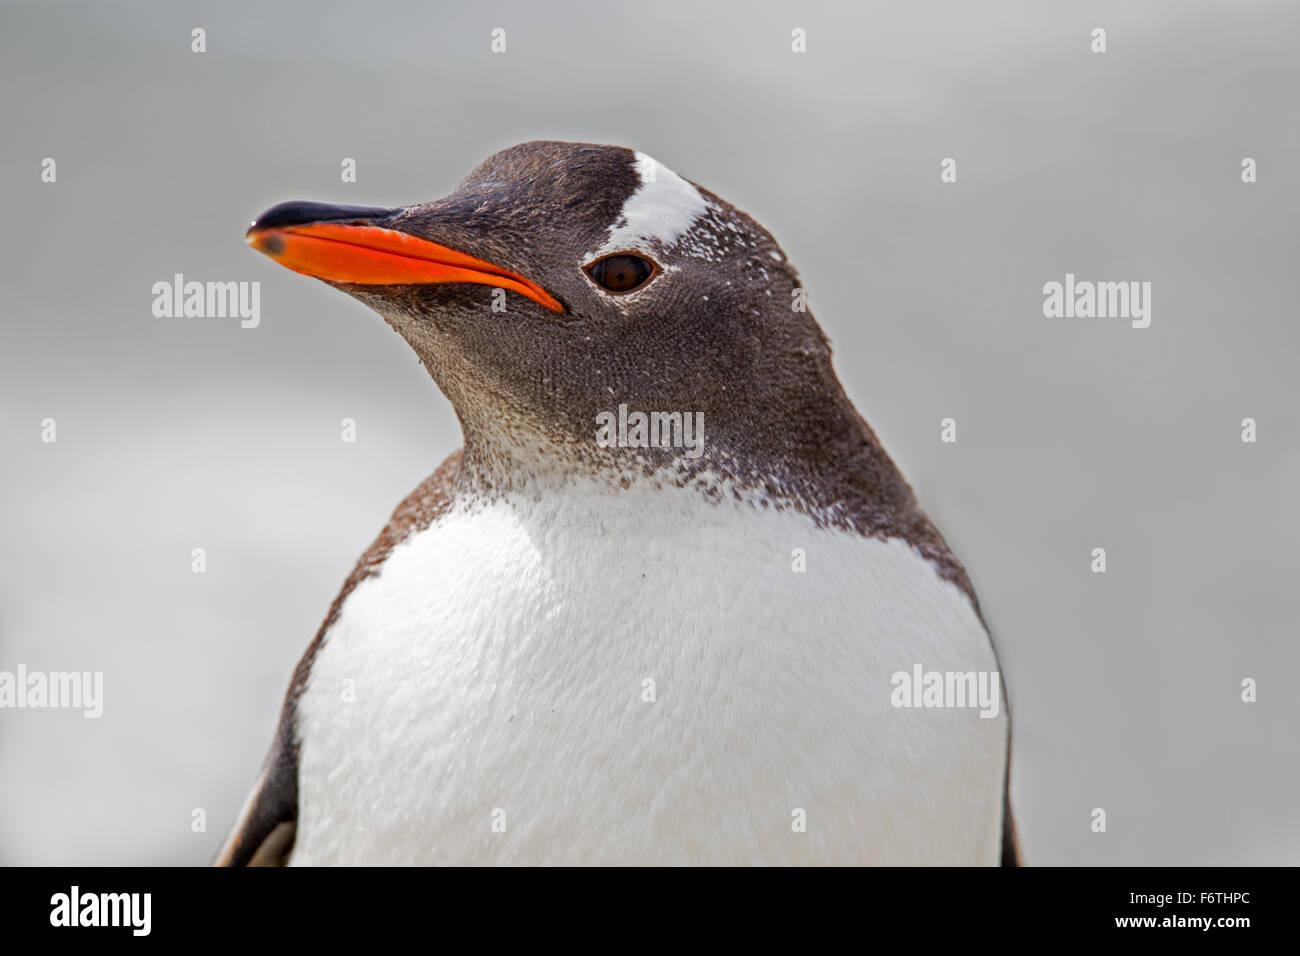 Pinguino Gentoo ritratto da vicino. Isole Falkland Immagini Stock